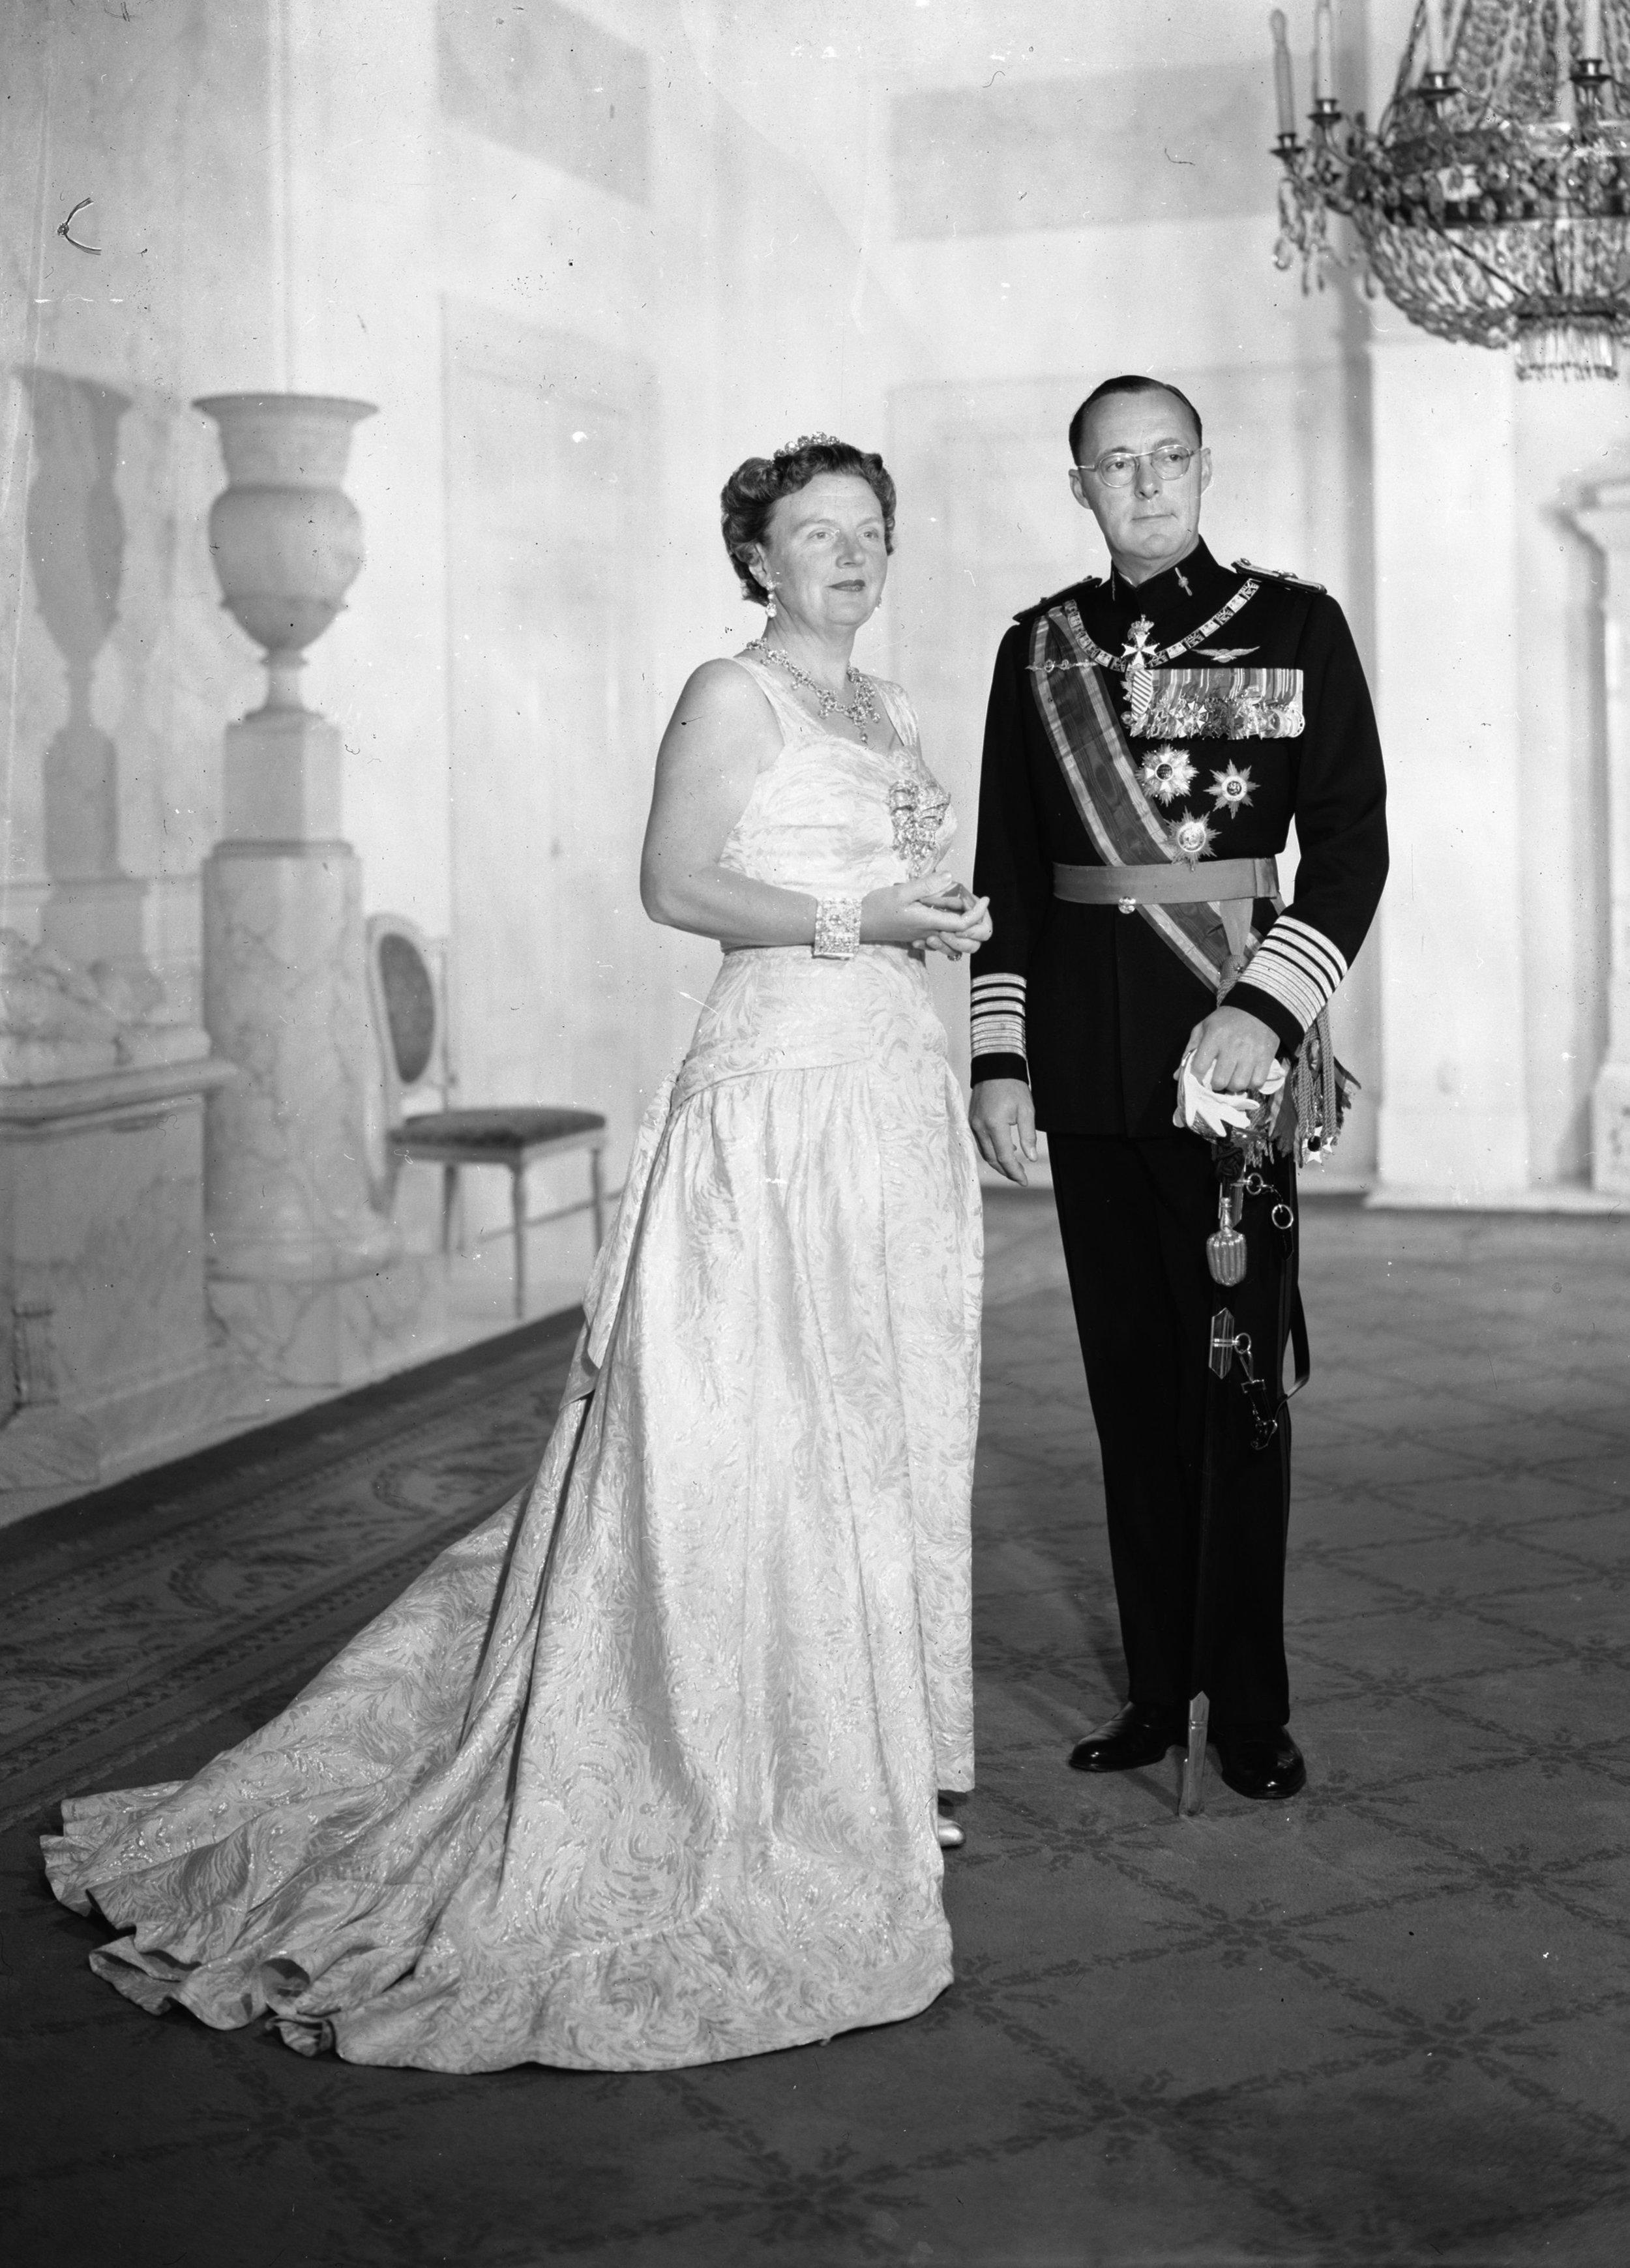 Die Ehe von Prinz Bernhard und Königin Juliana litt unter seinen Affären. Erst nach seinem Tod bekannte sich der Vater von Prinzessin Beatrix zu seinen unehelichen Kindern.  © RVD